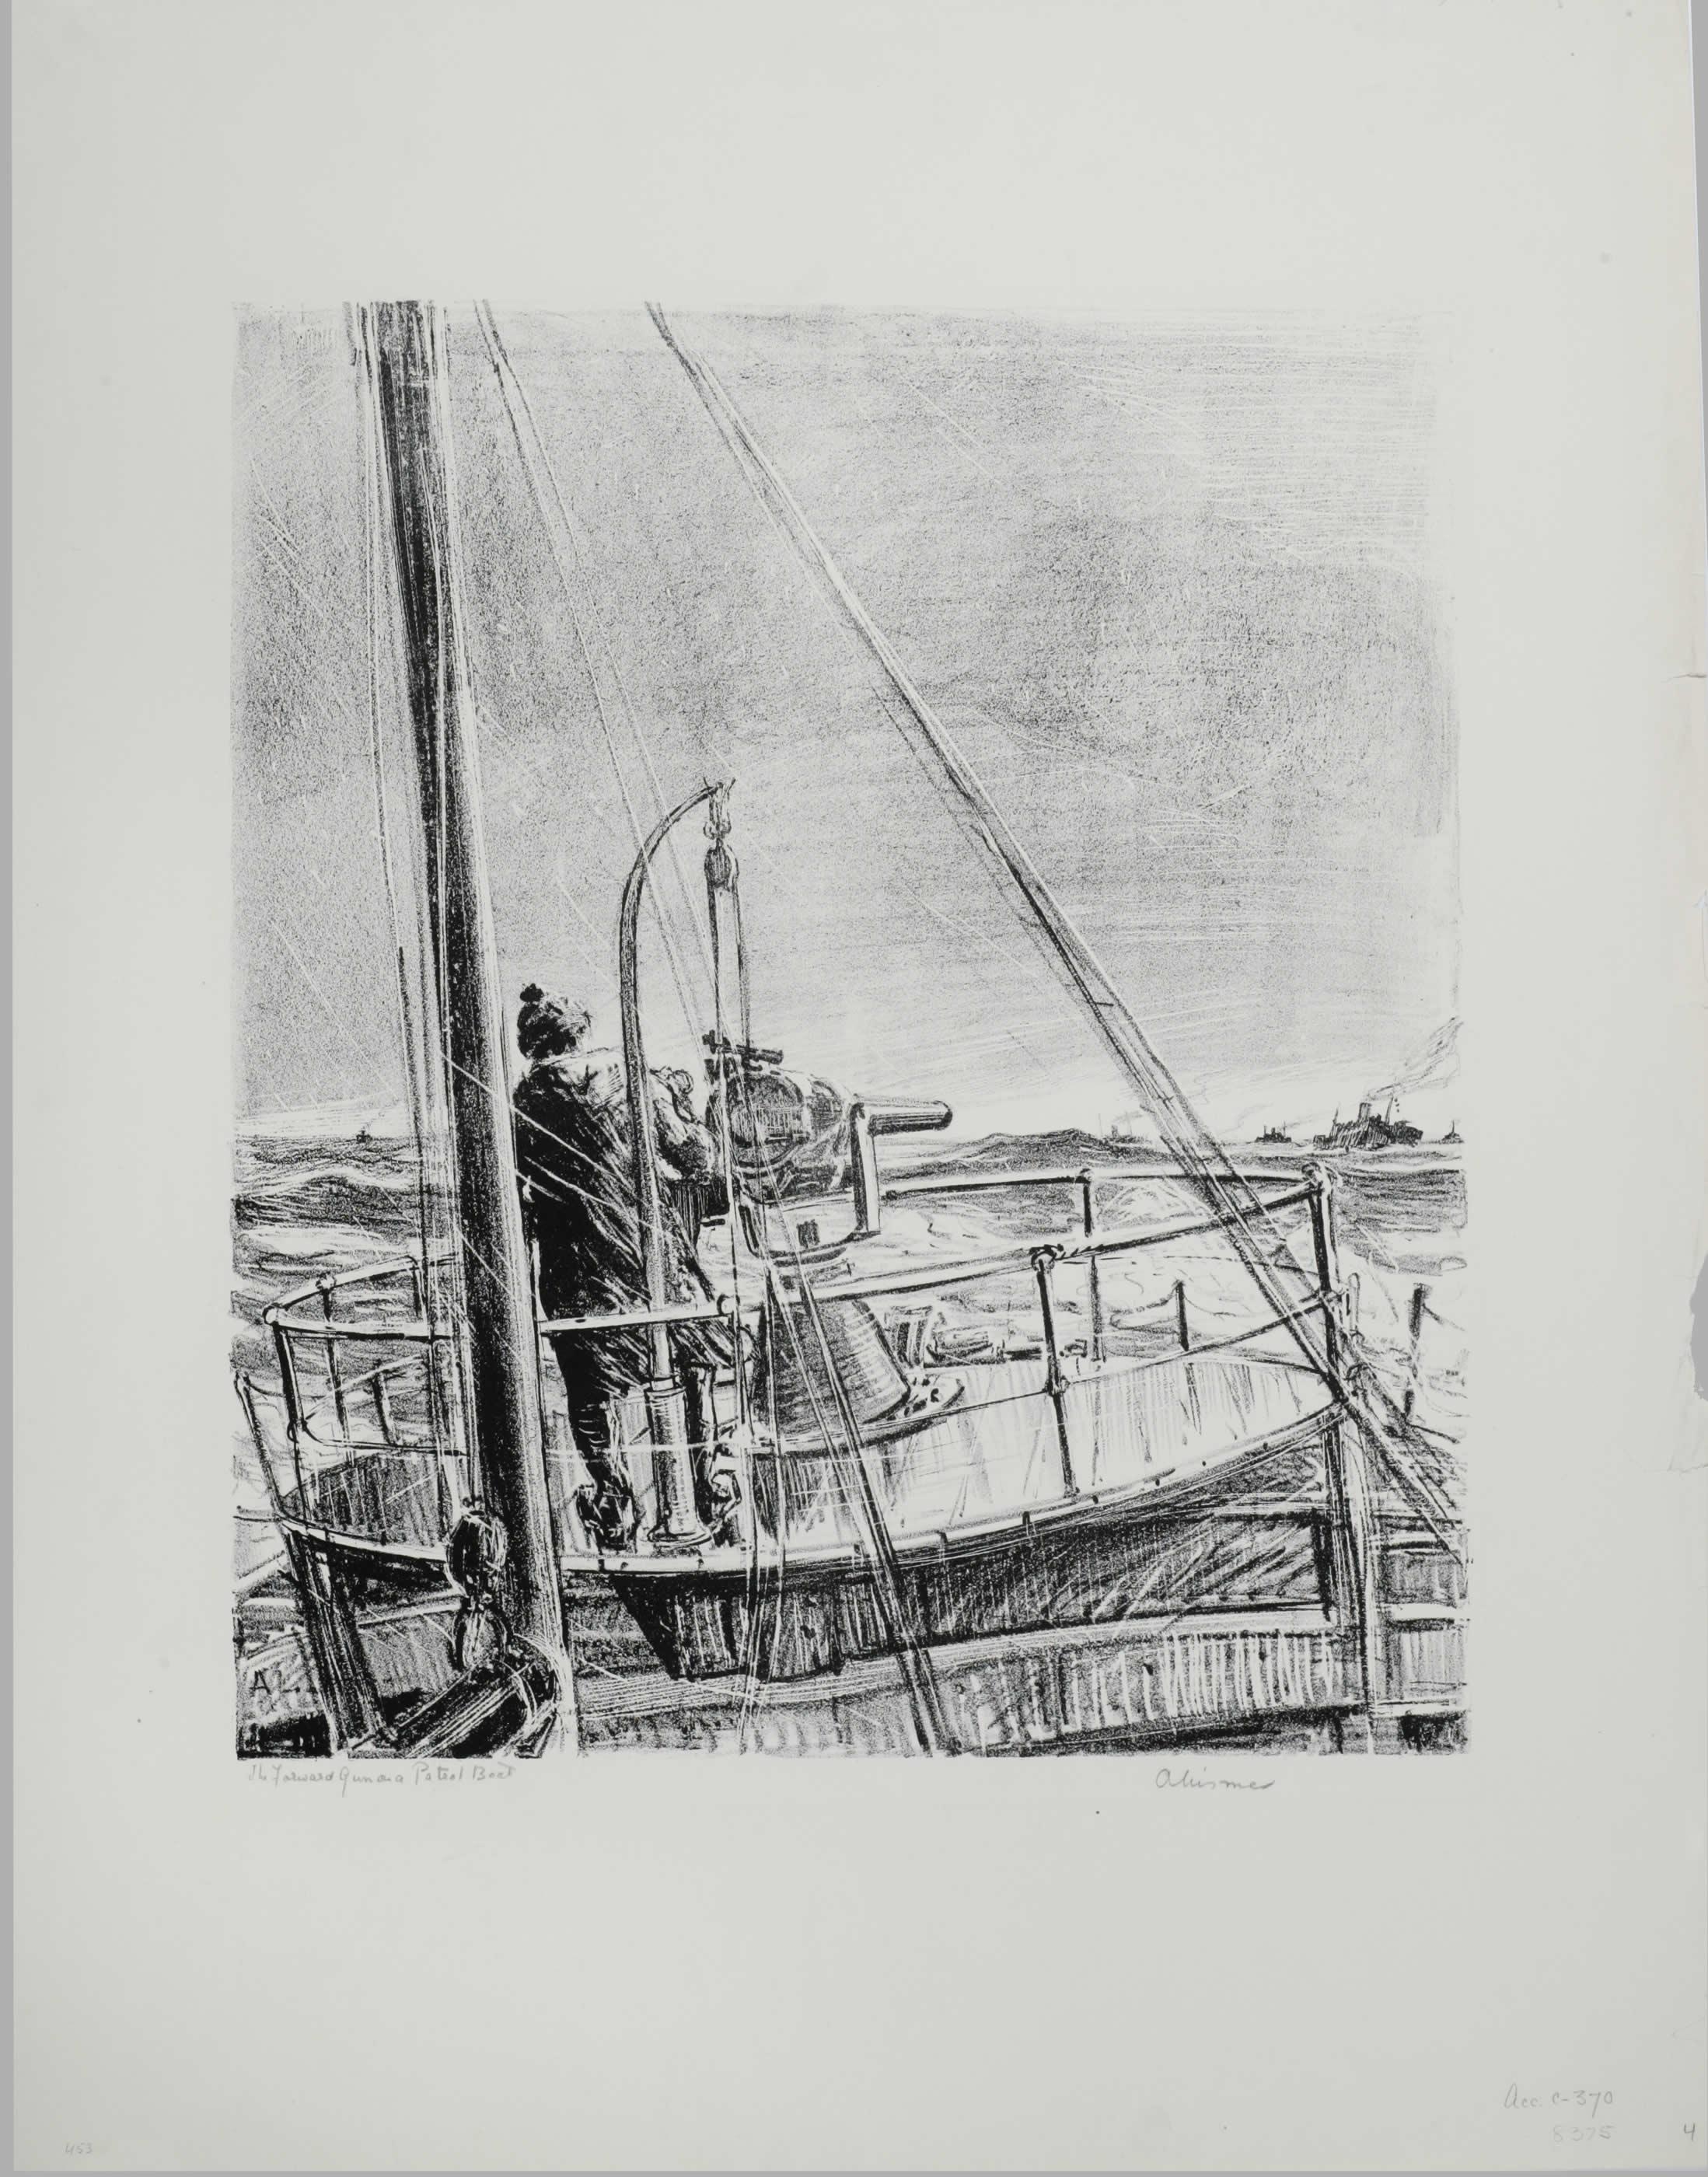 <i>Canon d'avant sur un bateau patrouilleur</i>